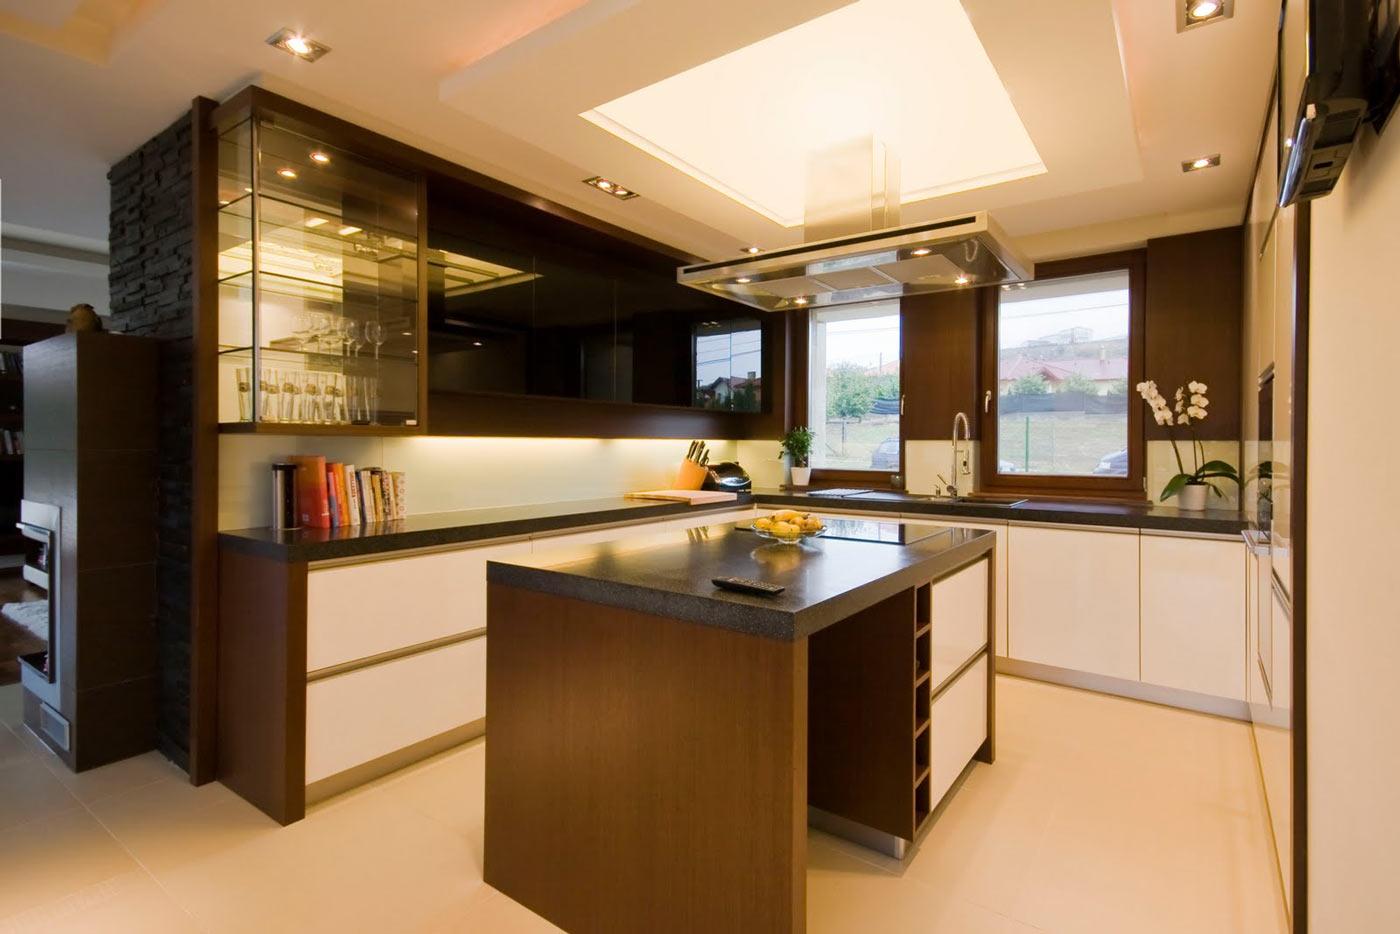 В центре кухне размещен огромный светильник квадратной формы